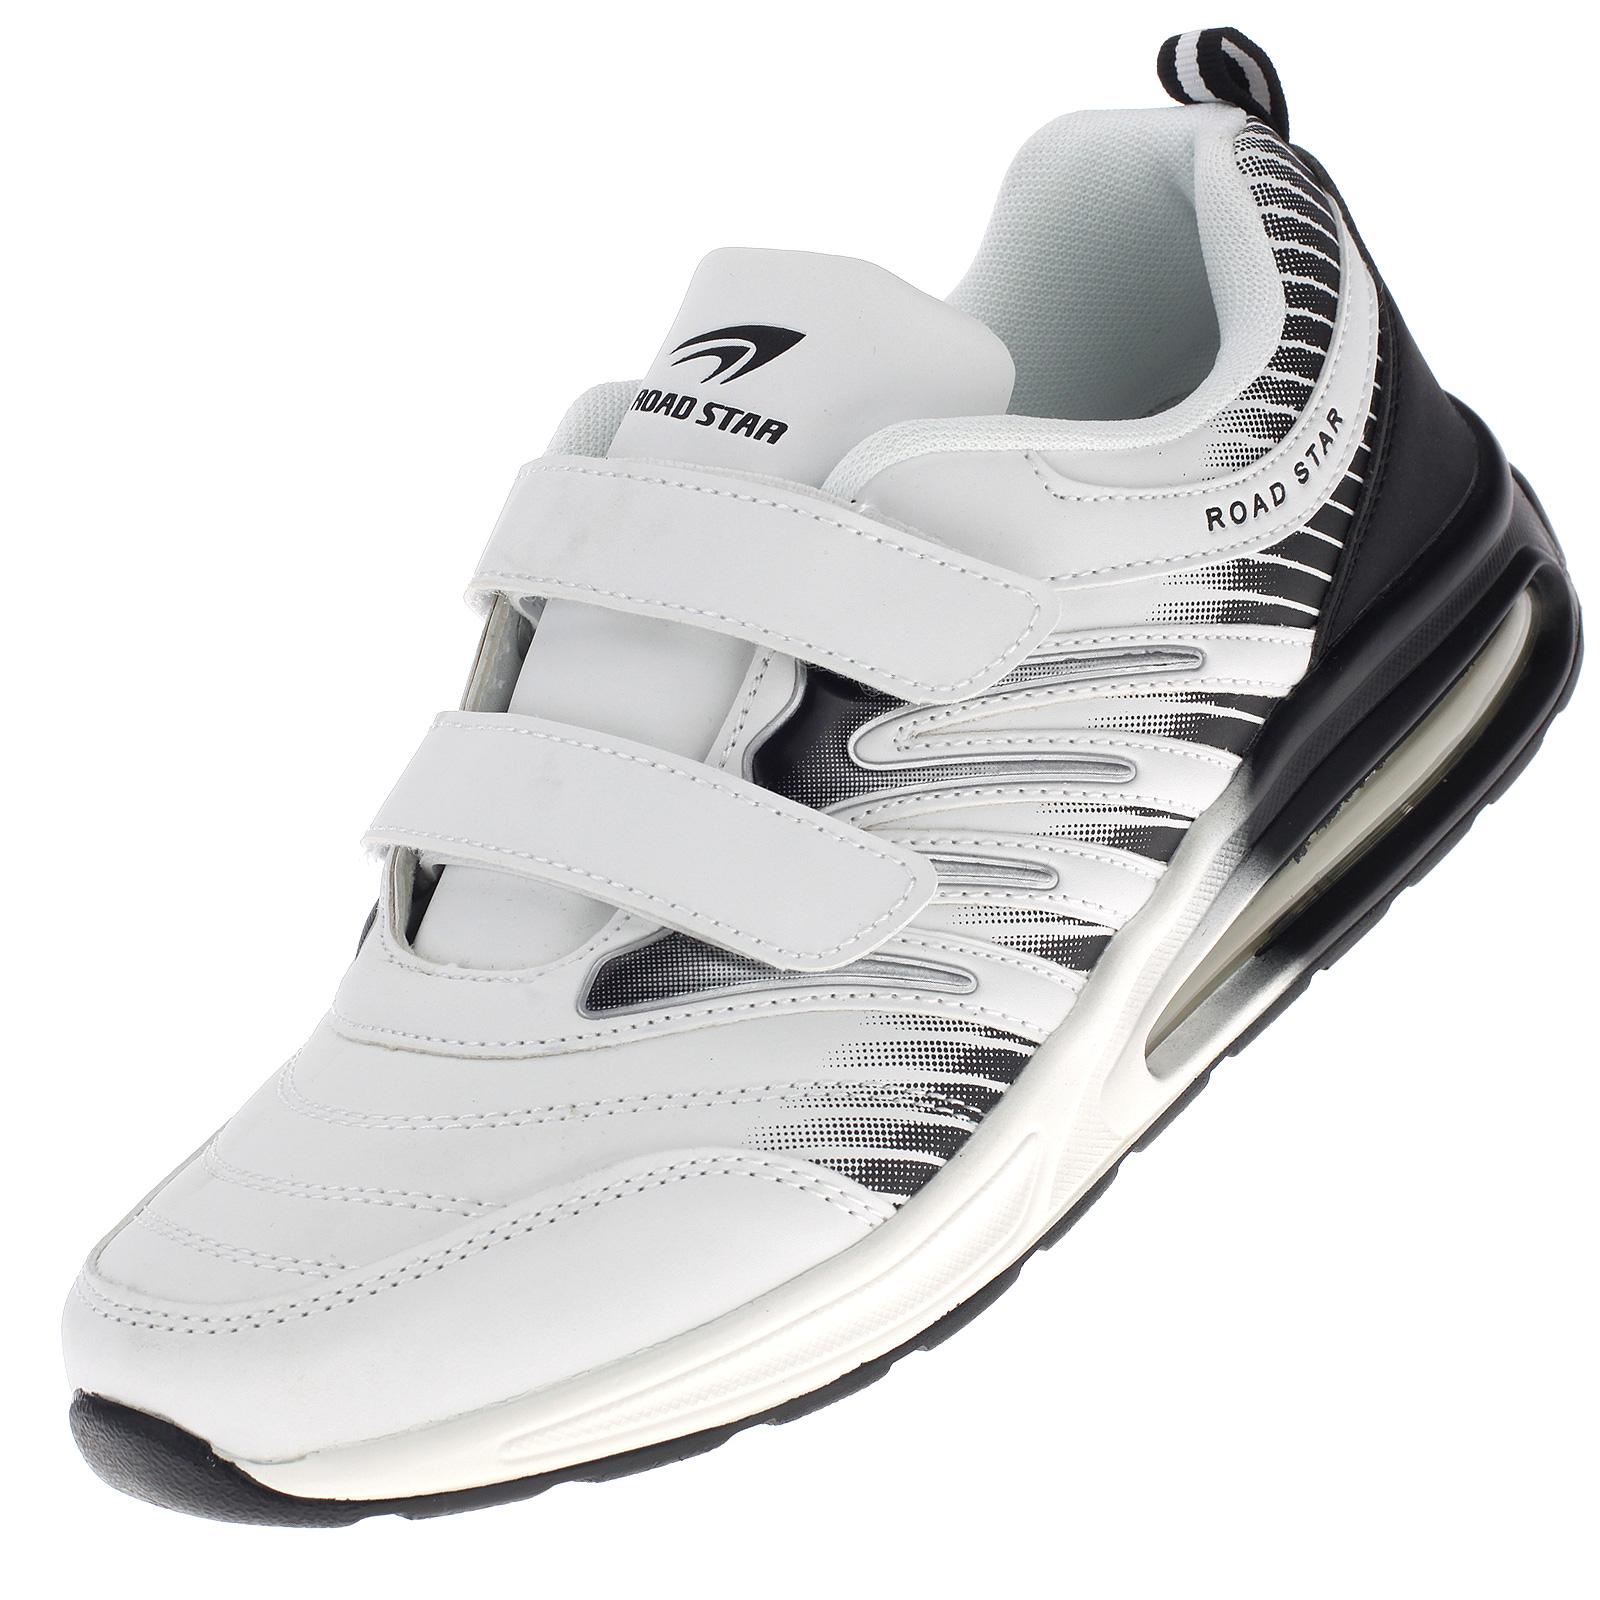 3. Weiß-Schwarz